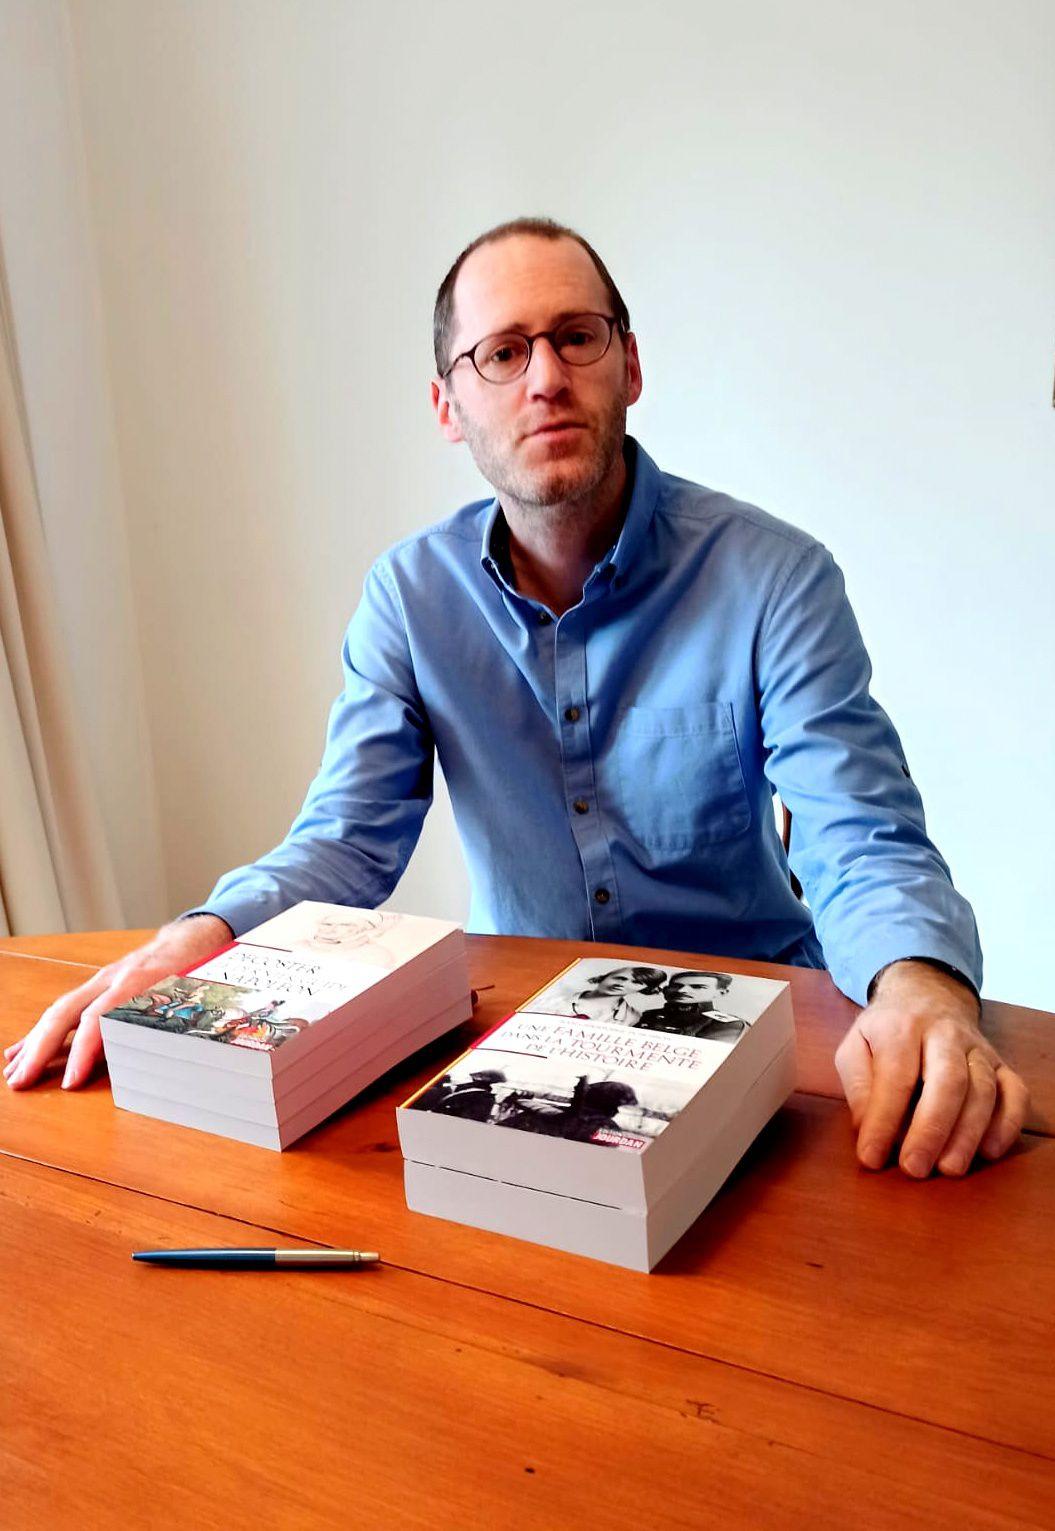 Portrait du jour : Jean-Christophe Dubuisson, enseignant et écrivain